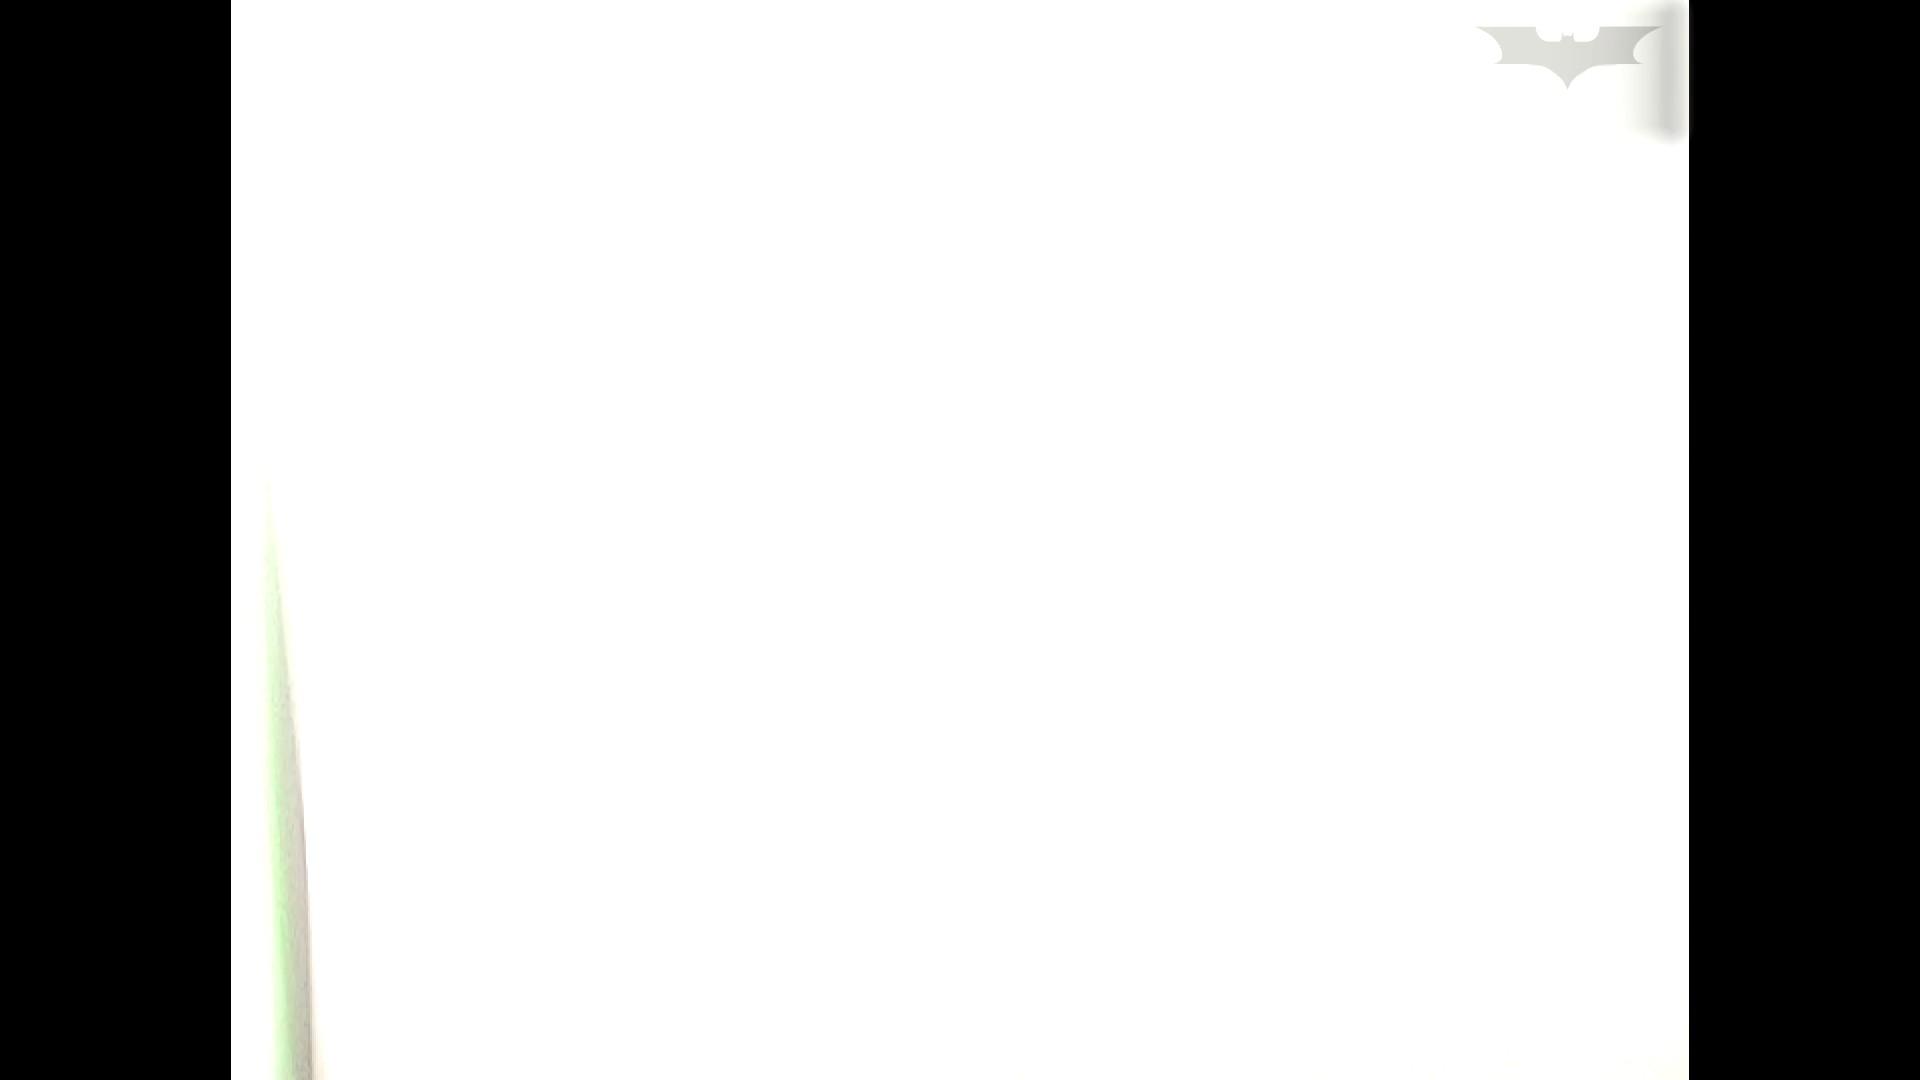 空爆特集!和式フロントツル4名期間限定神キタ!ツルピカの放nyo!Vol.09 和式 覗きおまんこ画像 53連発 35